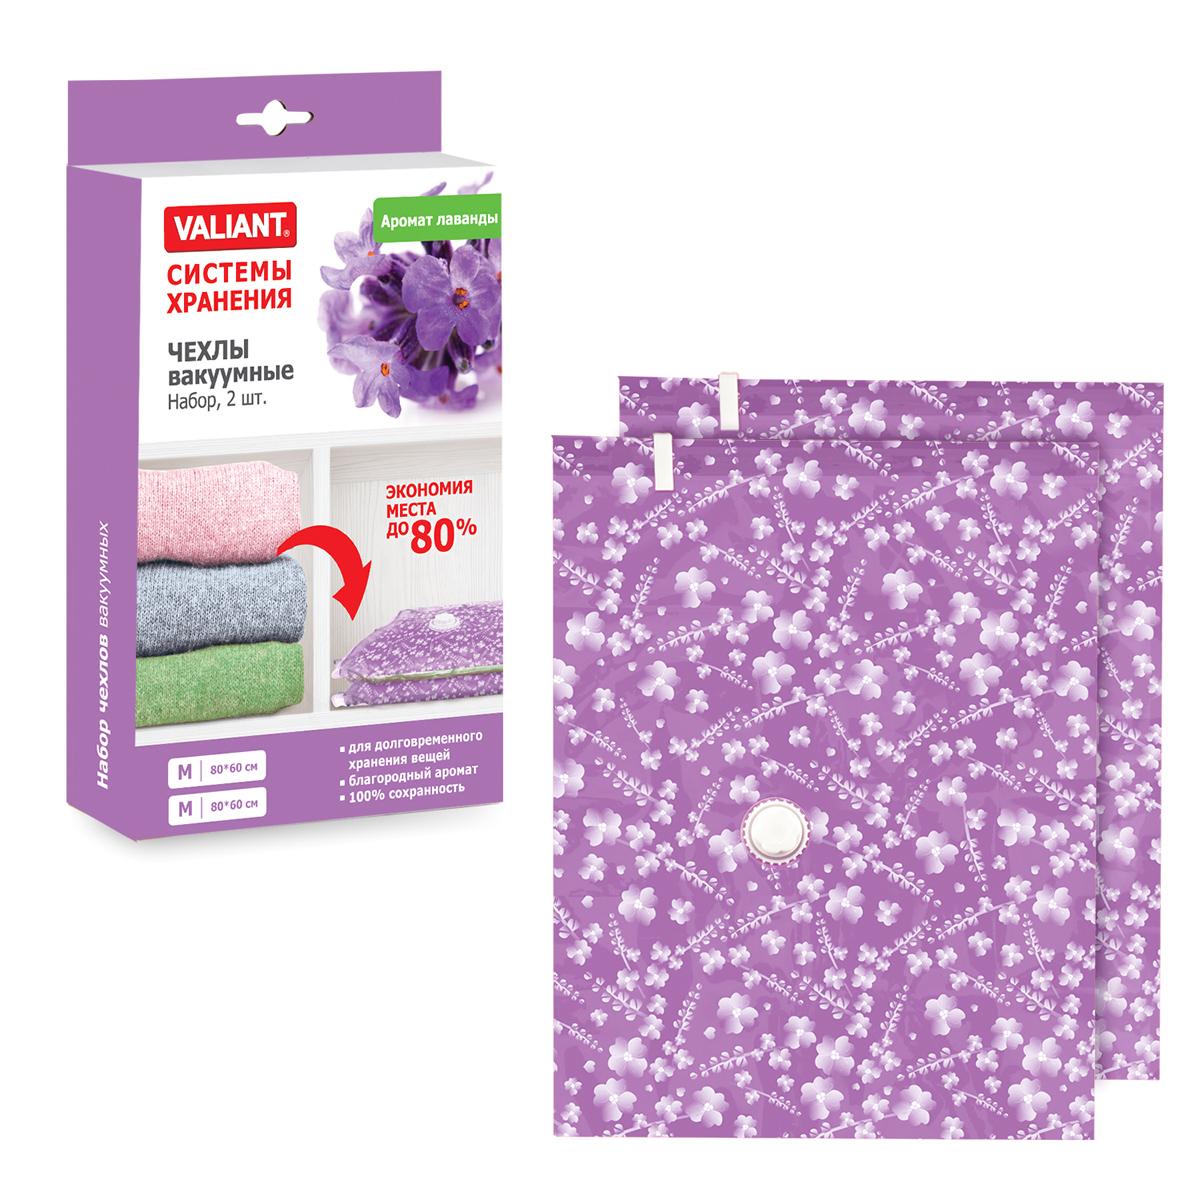 Набор чехлов для вакуумного хранения Valiant, с ароматом лаванды, цвет: фиолетовый, 80 х 60 см, 2 штLMS86Набор Valiant состоит из двух чехлов для вакуумного хранения, которые помогут существенно сэкономить место в шкафу. Вещи сжимаются в объеме на 80%, полностью сохраняя свое качество. Хранить их можно в течение целого сезона (осенью и зимой - летний гардероб, летом - зимние свитера, шарфы, теплые одеяла). Чехлы также защищают вещи от любых повреждений - влаги, пыли, пятен, плесени, моли и других насекомых, а также от обесцвечивания, запахов и бактерий. Откачать воздух можно любым стандартным пылесосом (отверстие клапана 27 мм) за 30 секунд. Чехлы обладают уникальной особенностью - они оформлены фирменным эксклюзивным рисунком и имеют благородный аромат лаванды, поэтому ваши вещи будут приятно пахнуть даже после длительного хранения. Закрываются на замок zip-lock. Не подходят для изделий из меха и кожи.